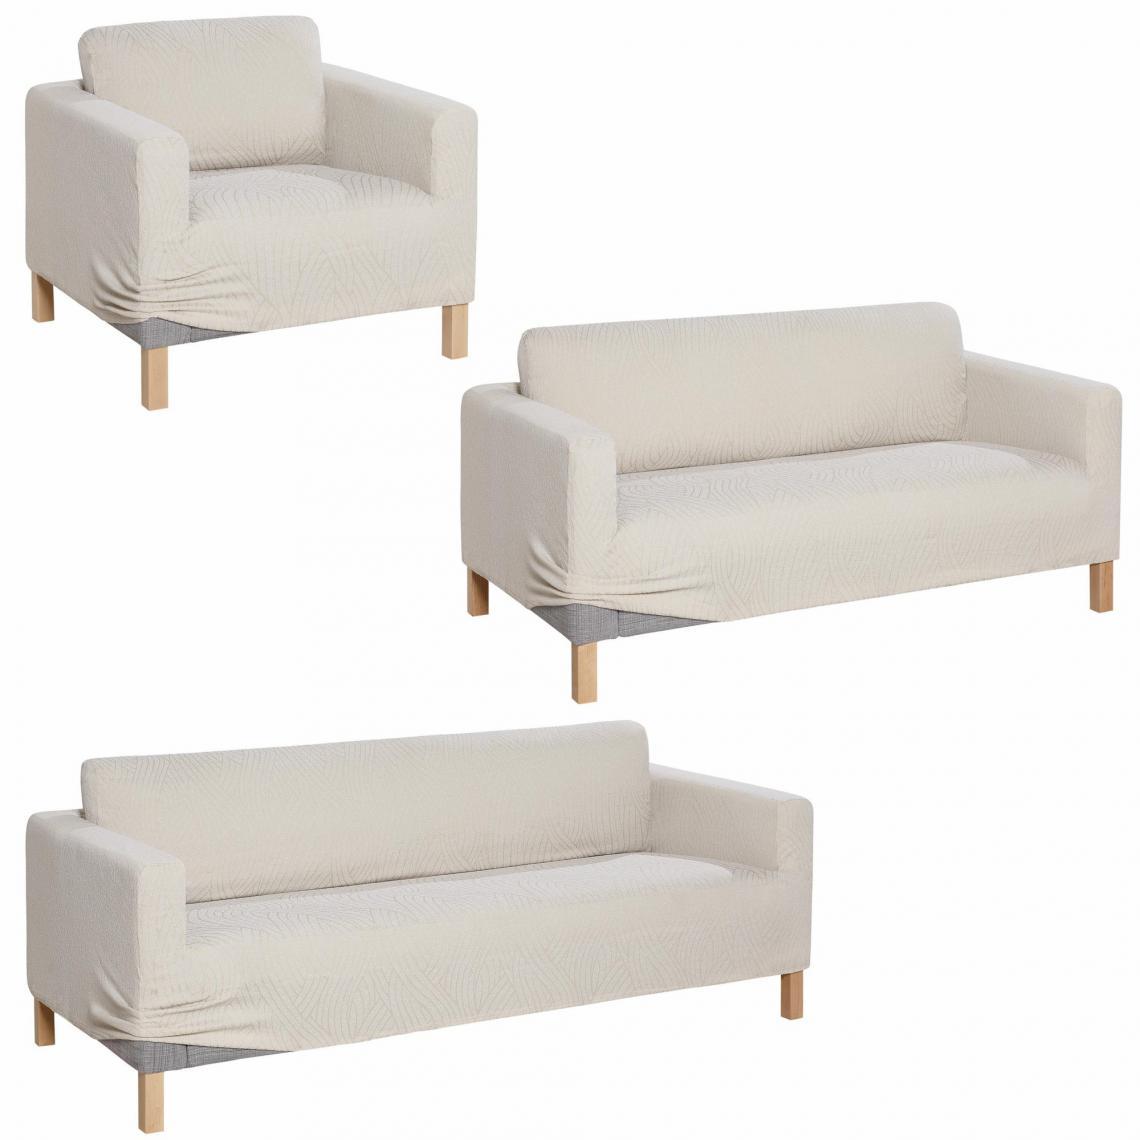 Ensemble de housses bi extensibles pour fauteuil canap - Housse canape 3 places extensible ...